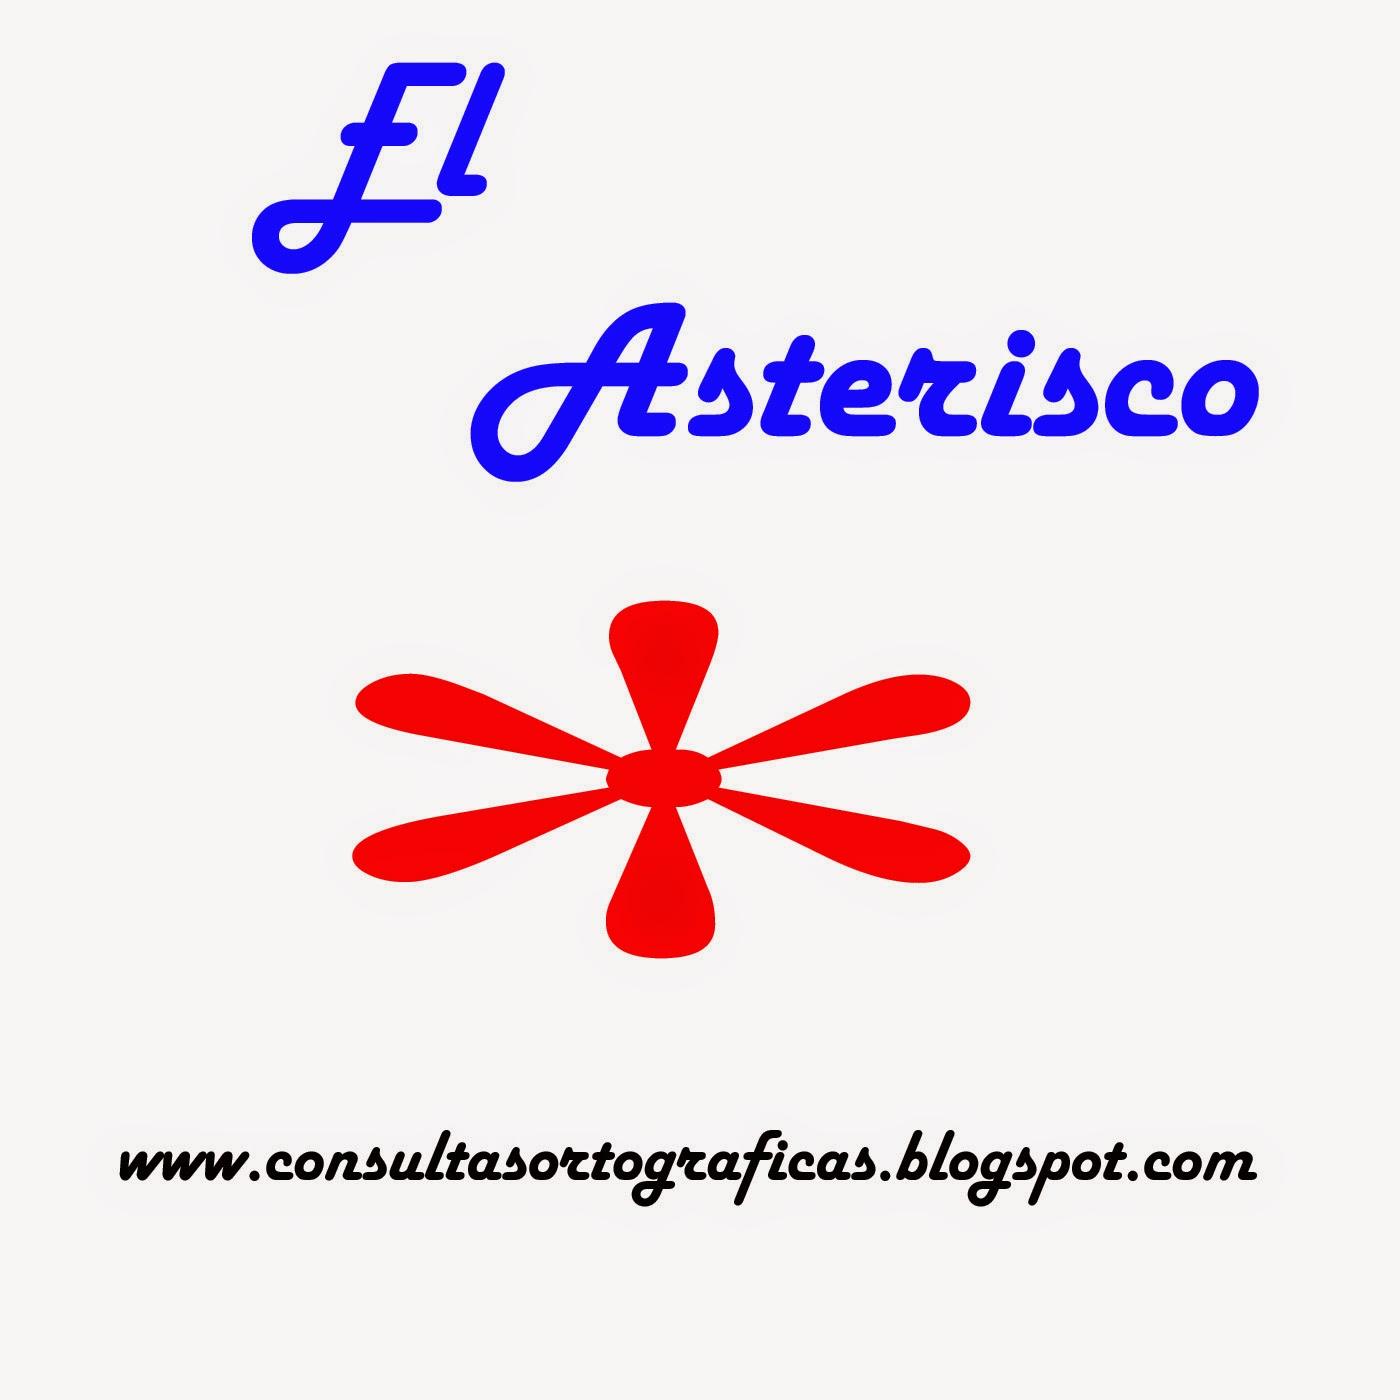 Consultas Ortogrficas  El Asterisco-6978